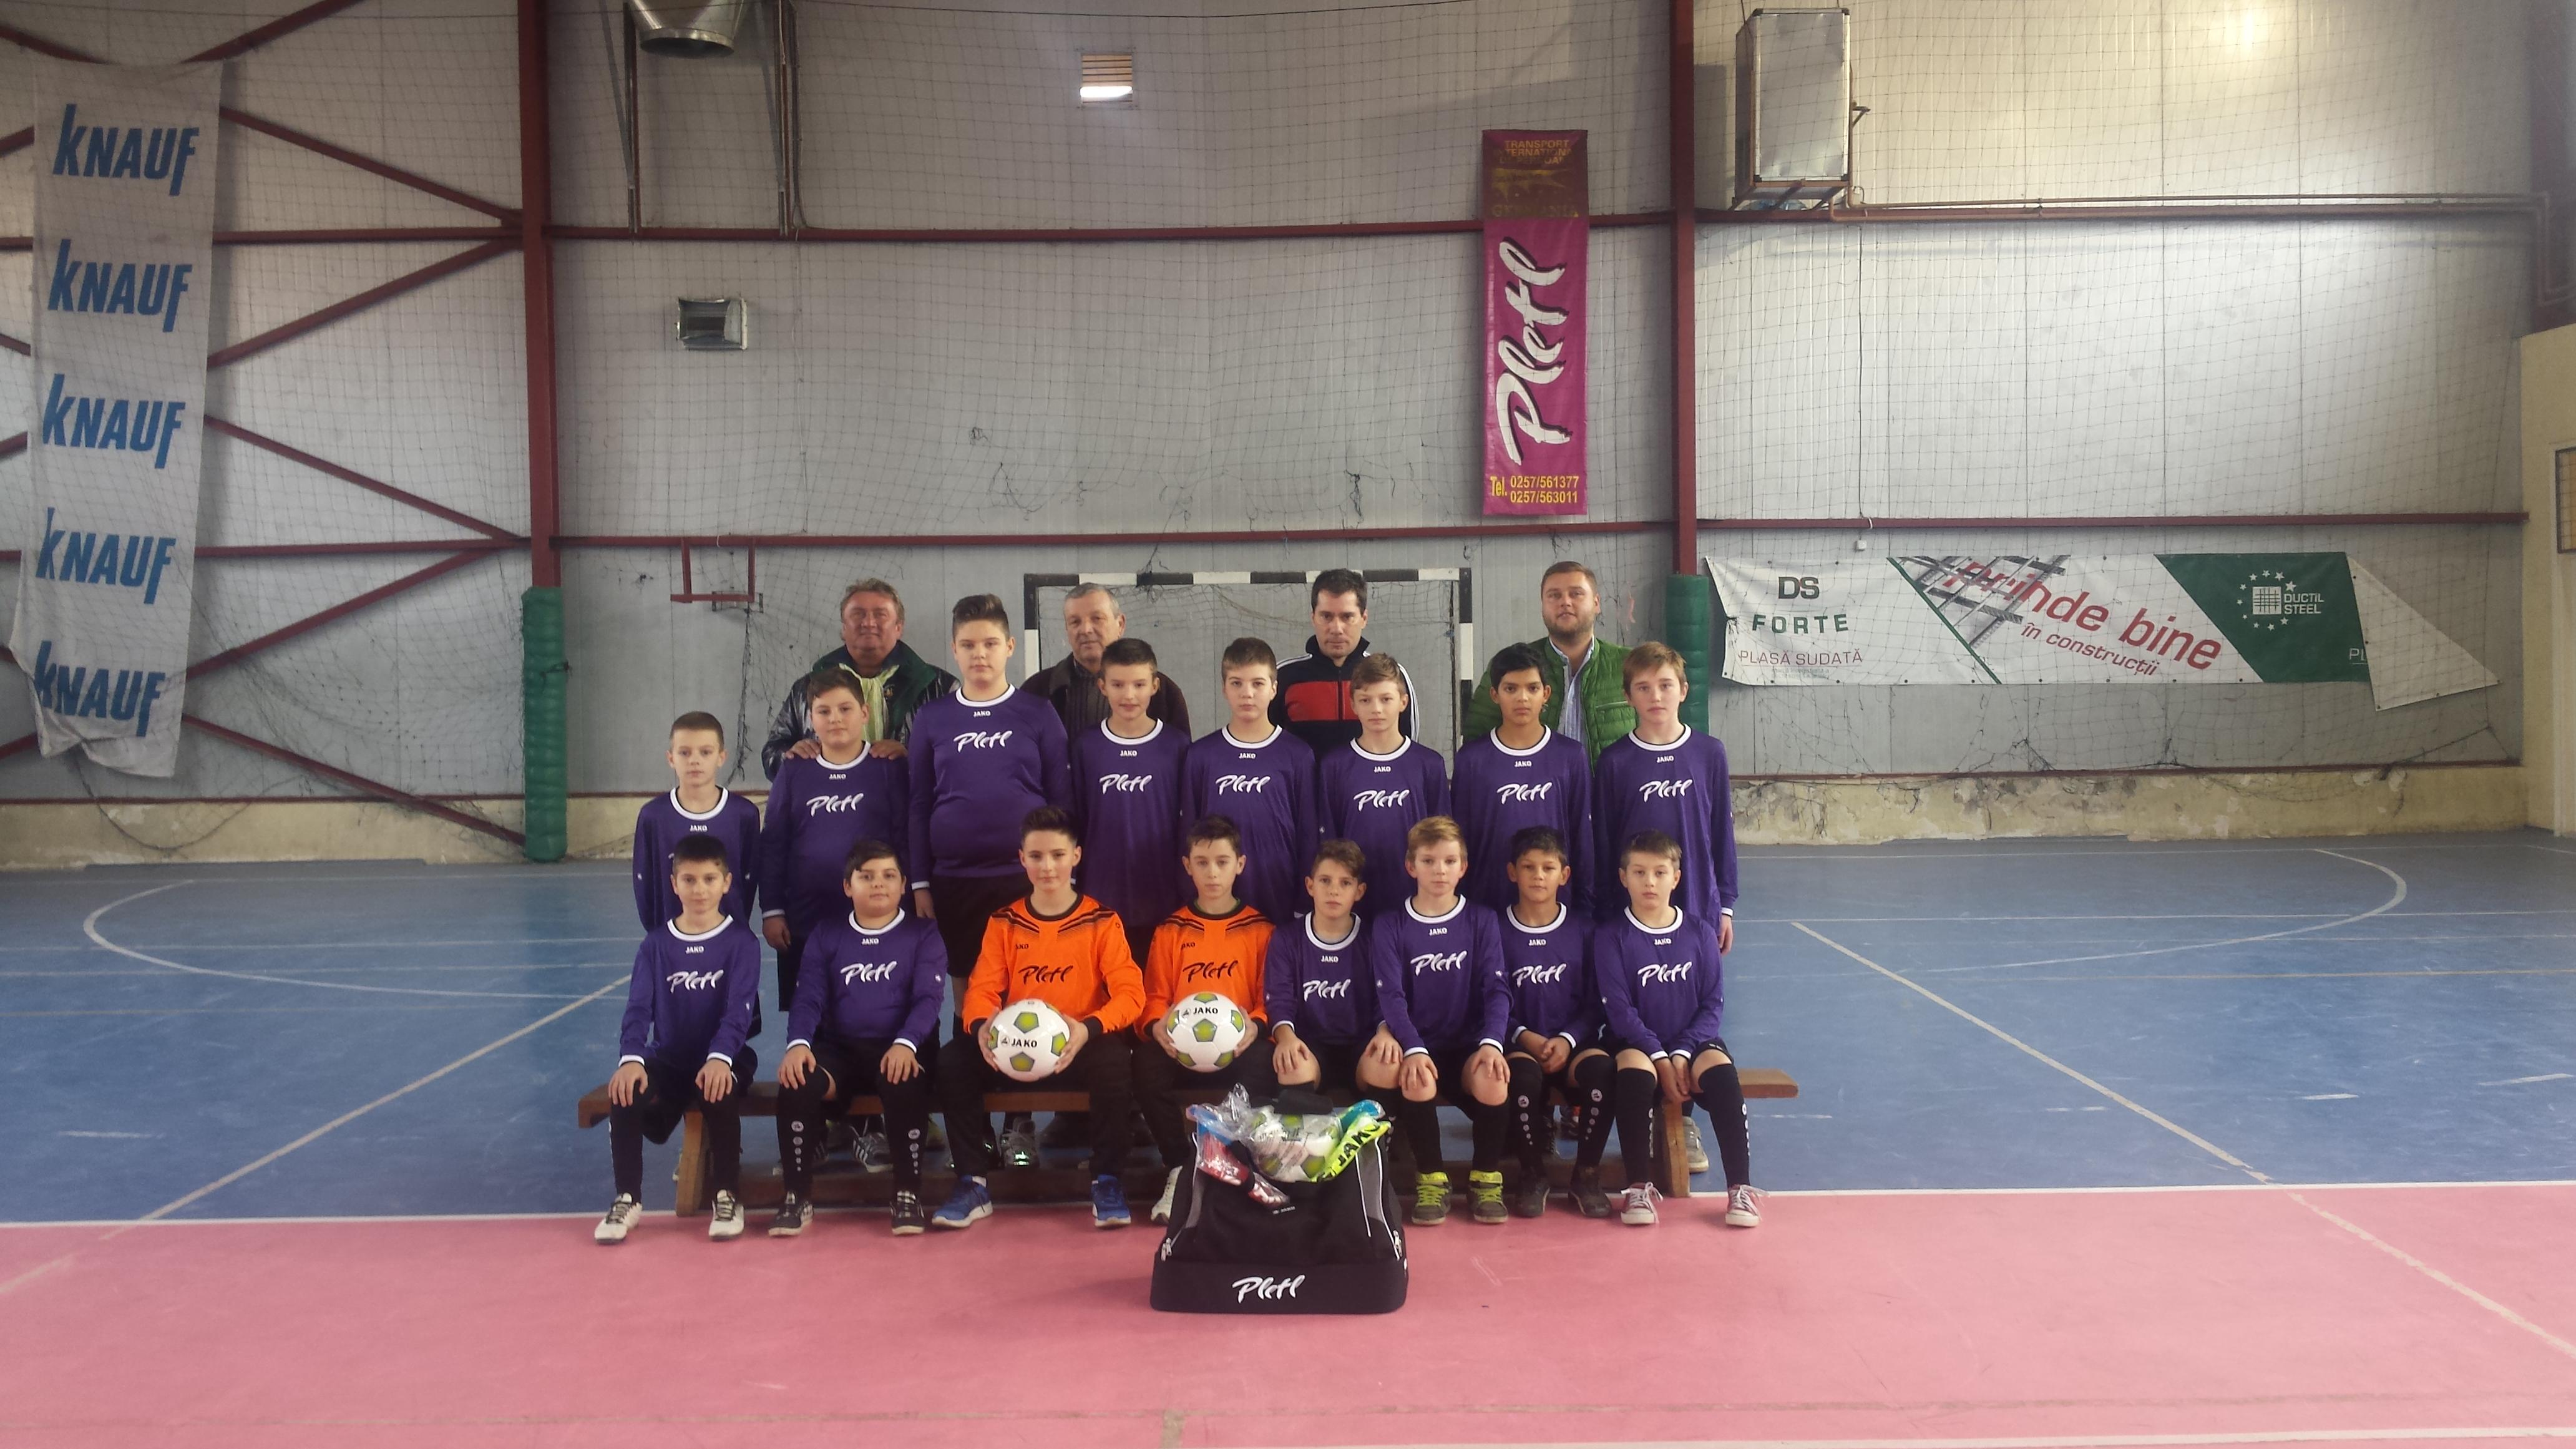 Echipa mica de  fotbal, alaturi de  Manfred Pletl si Mircea Jichici